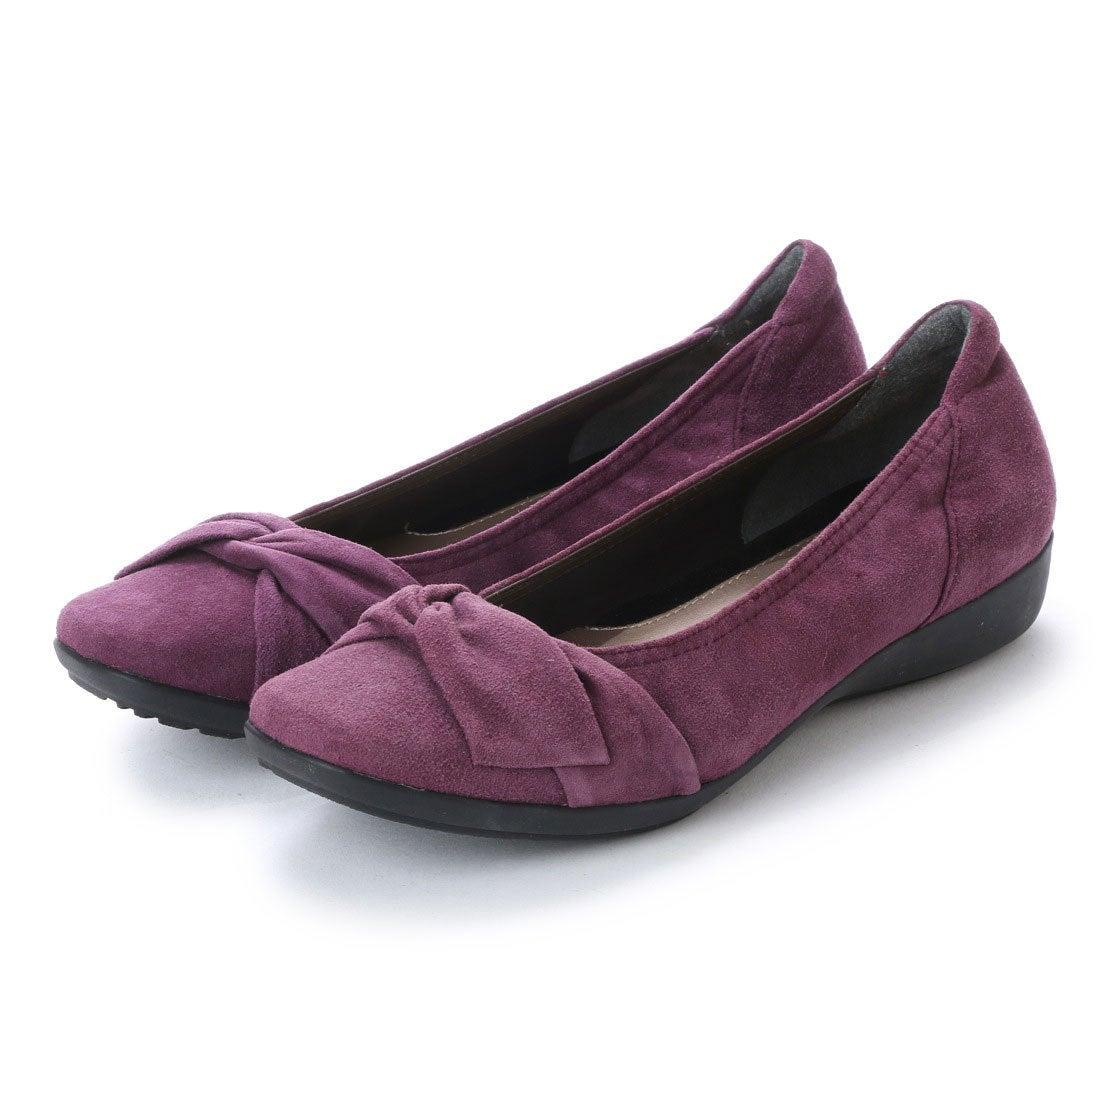 ロコンド 靴とファッションの通販サイトアルコジョイarcojoyウォーキング(ダークパープル)